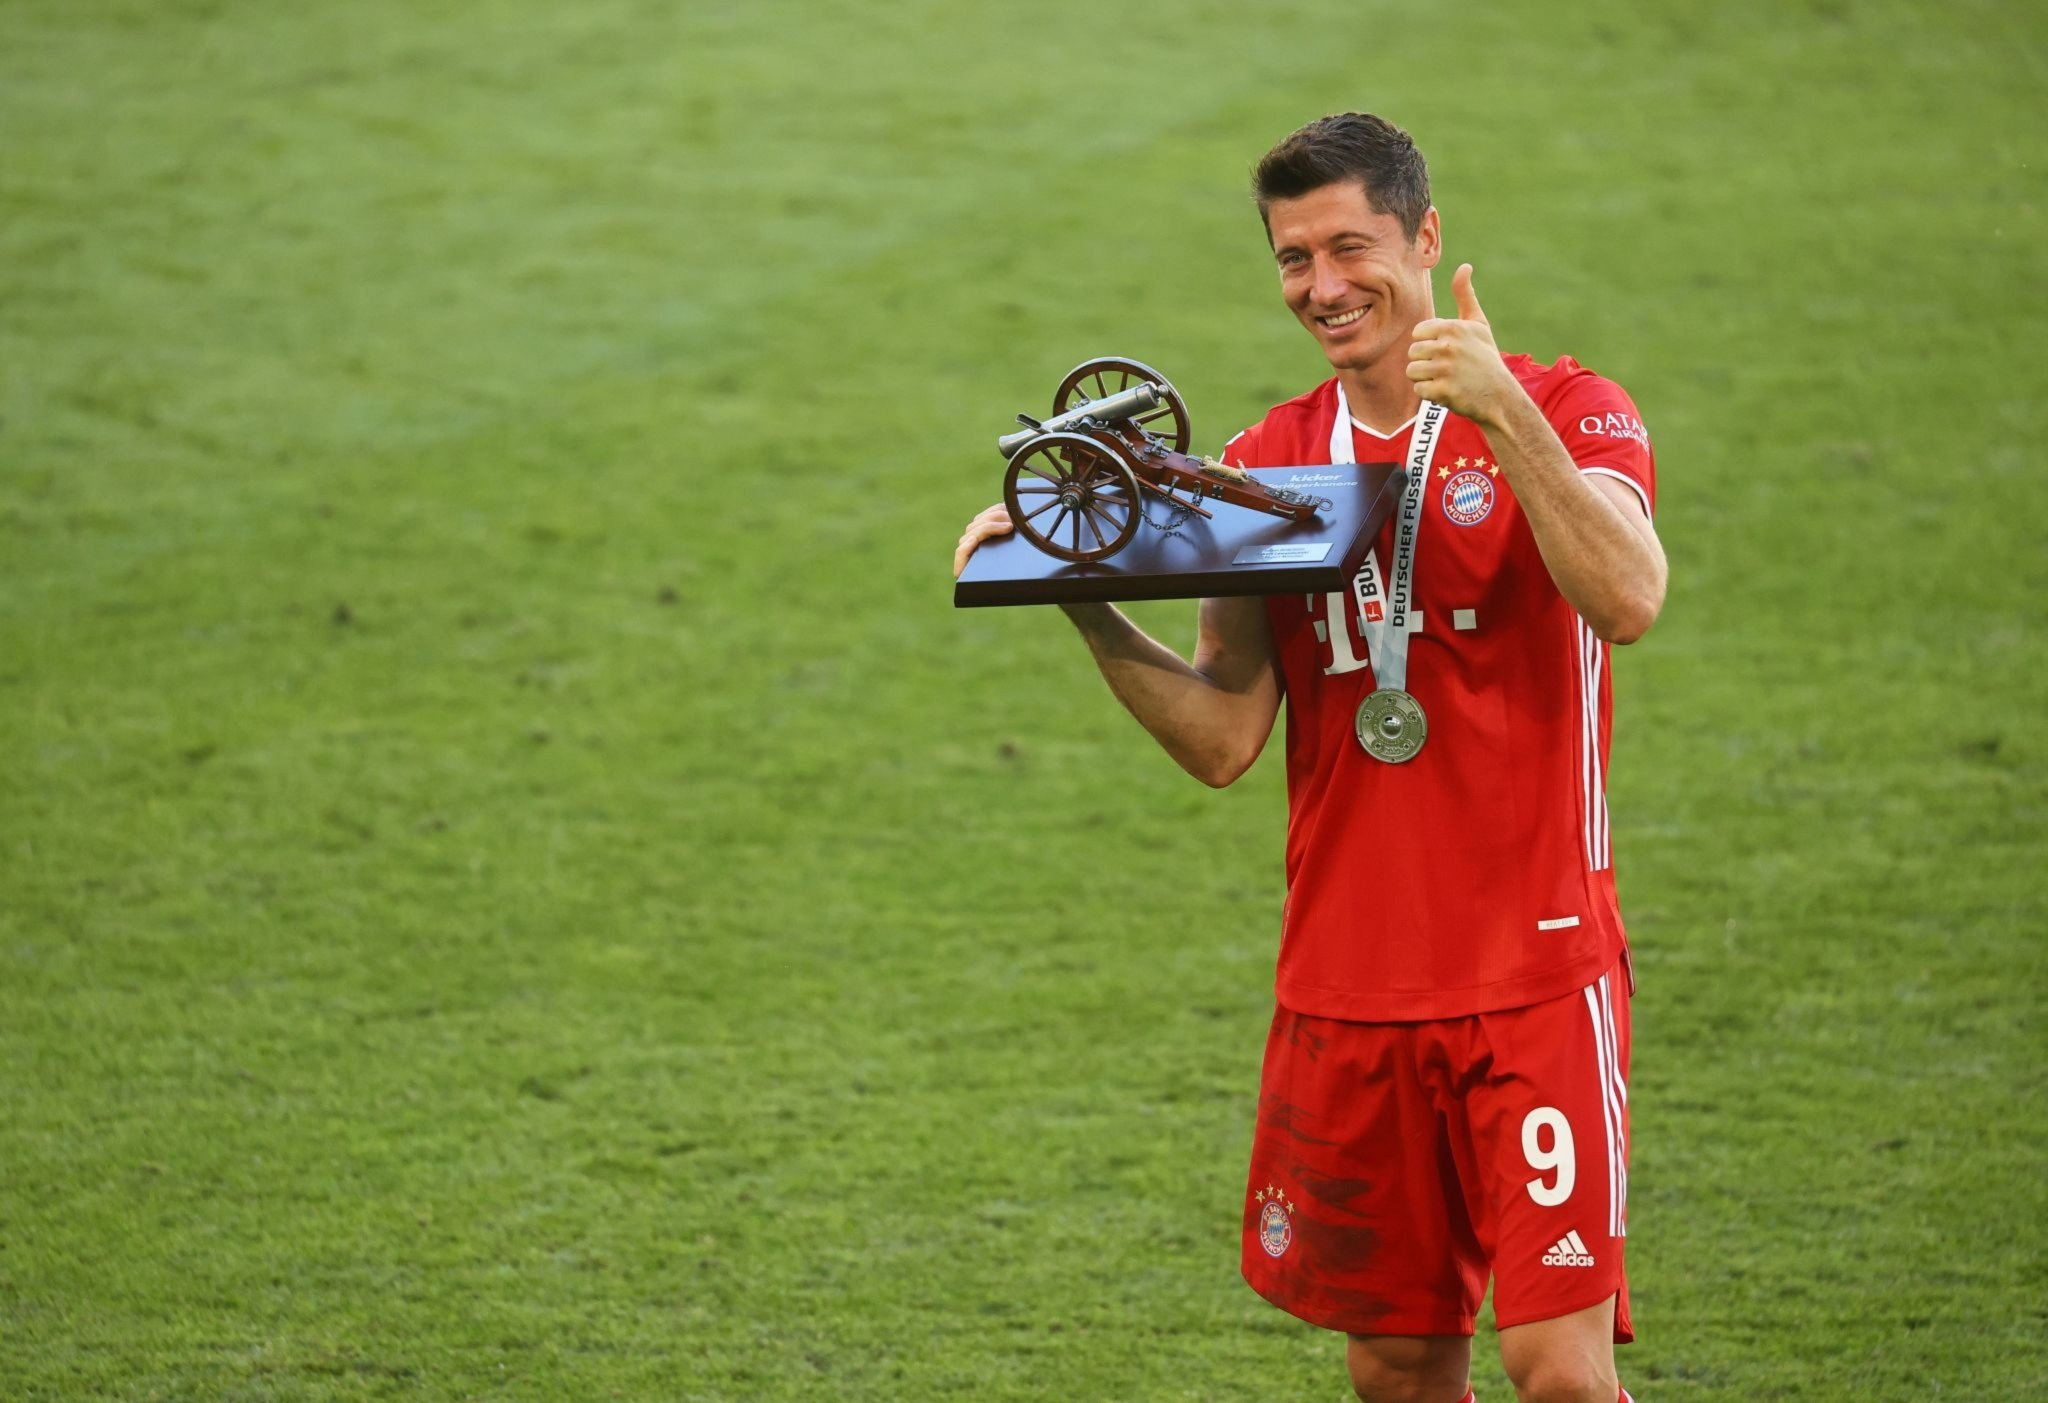 ليفاندوفسكى مع جائزة هداف الدوريي الالمانى (1)